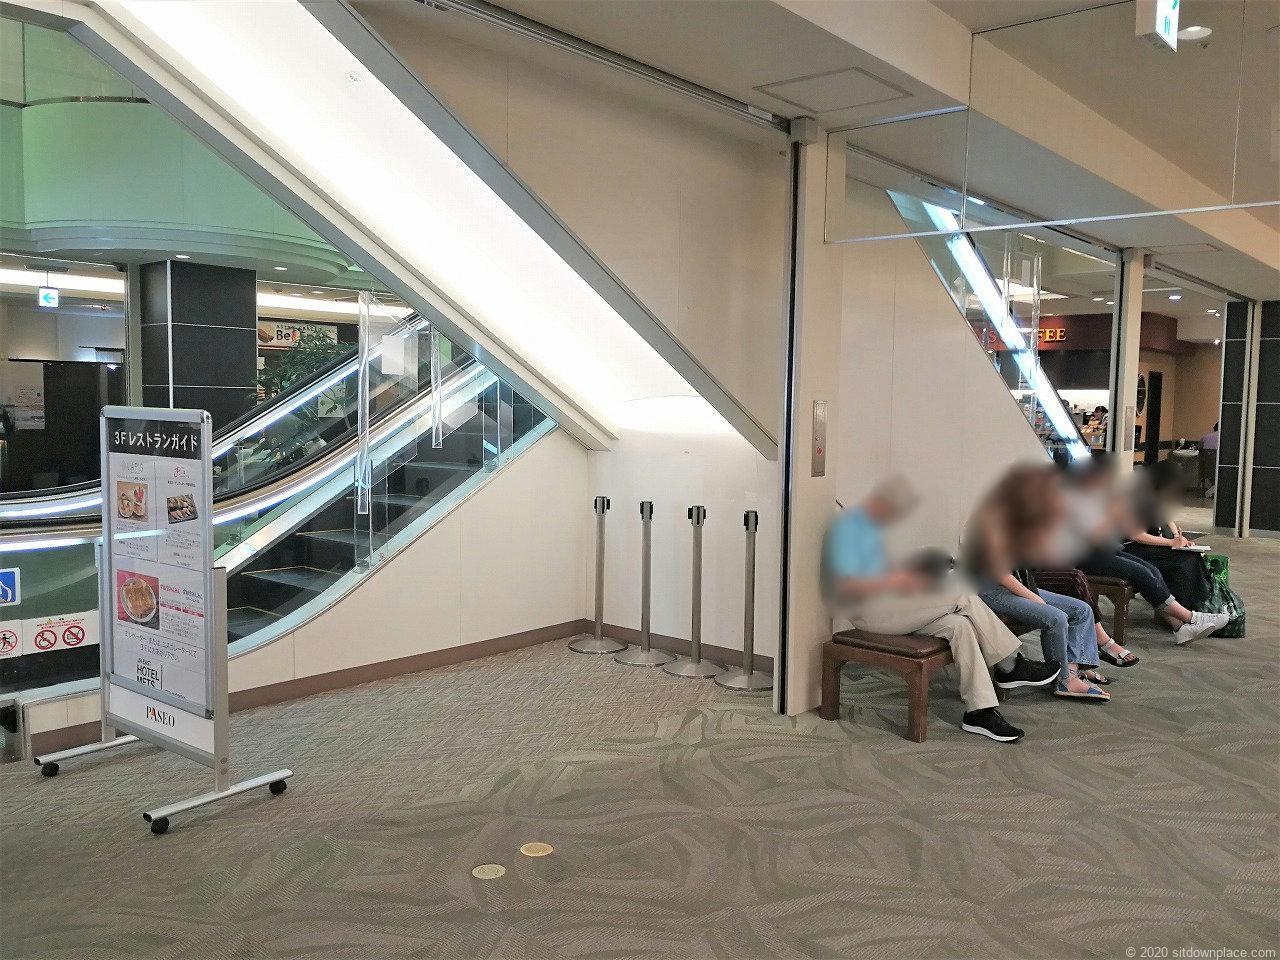 宇都宮駅パセオ2F ホテルメッツ側エスカレーター付近の休憩場所2